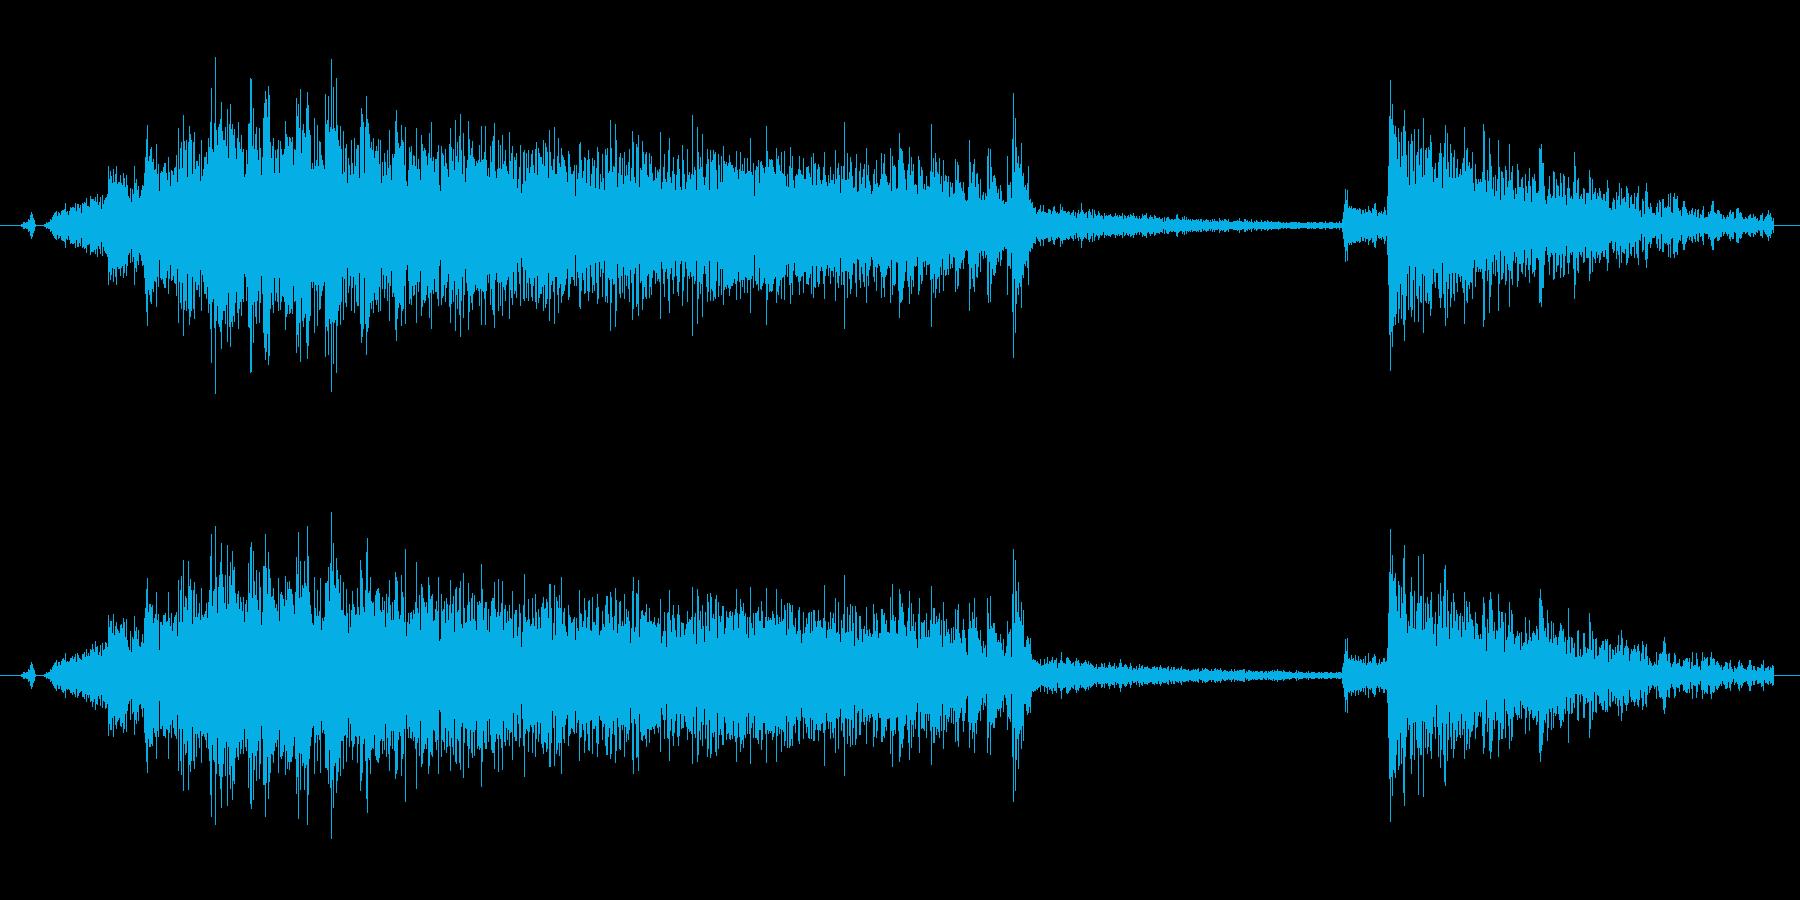 ギィー バタンの再生済みの波形